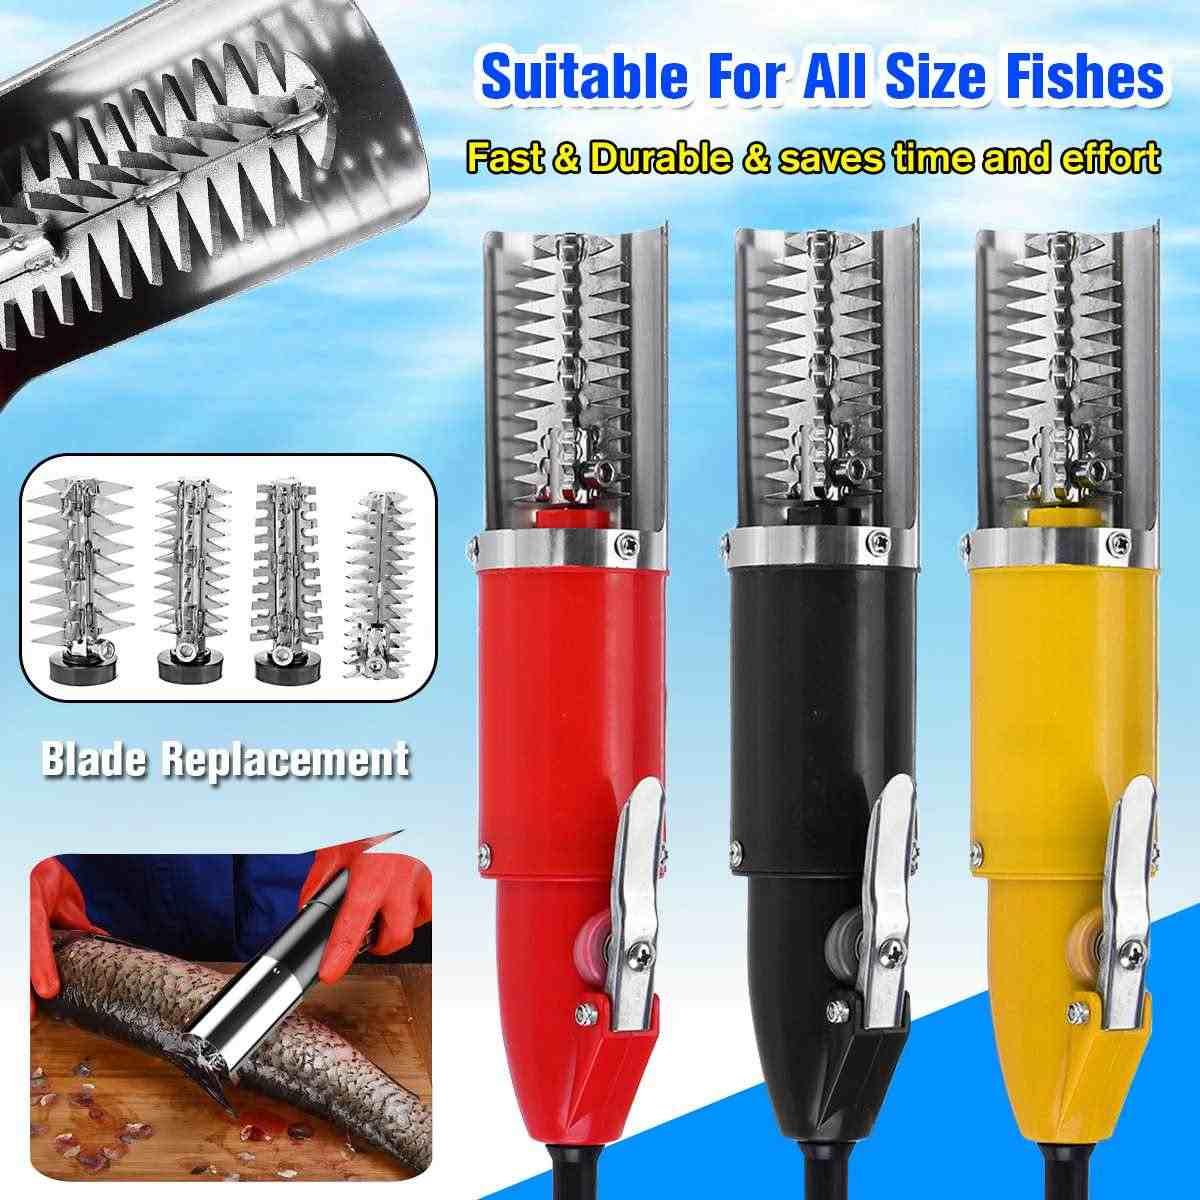 120W Impermeabile Elettrica Pesce Bilancia Raschietto Pesca Bilancia Rs Facile da Pulire Pesce Stripper Remover Cleaner Strumento Adattatore di Ricarica